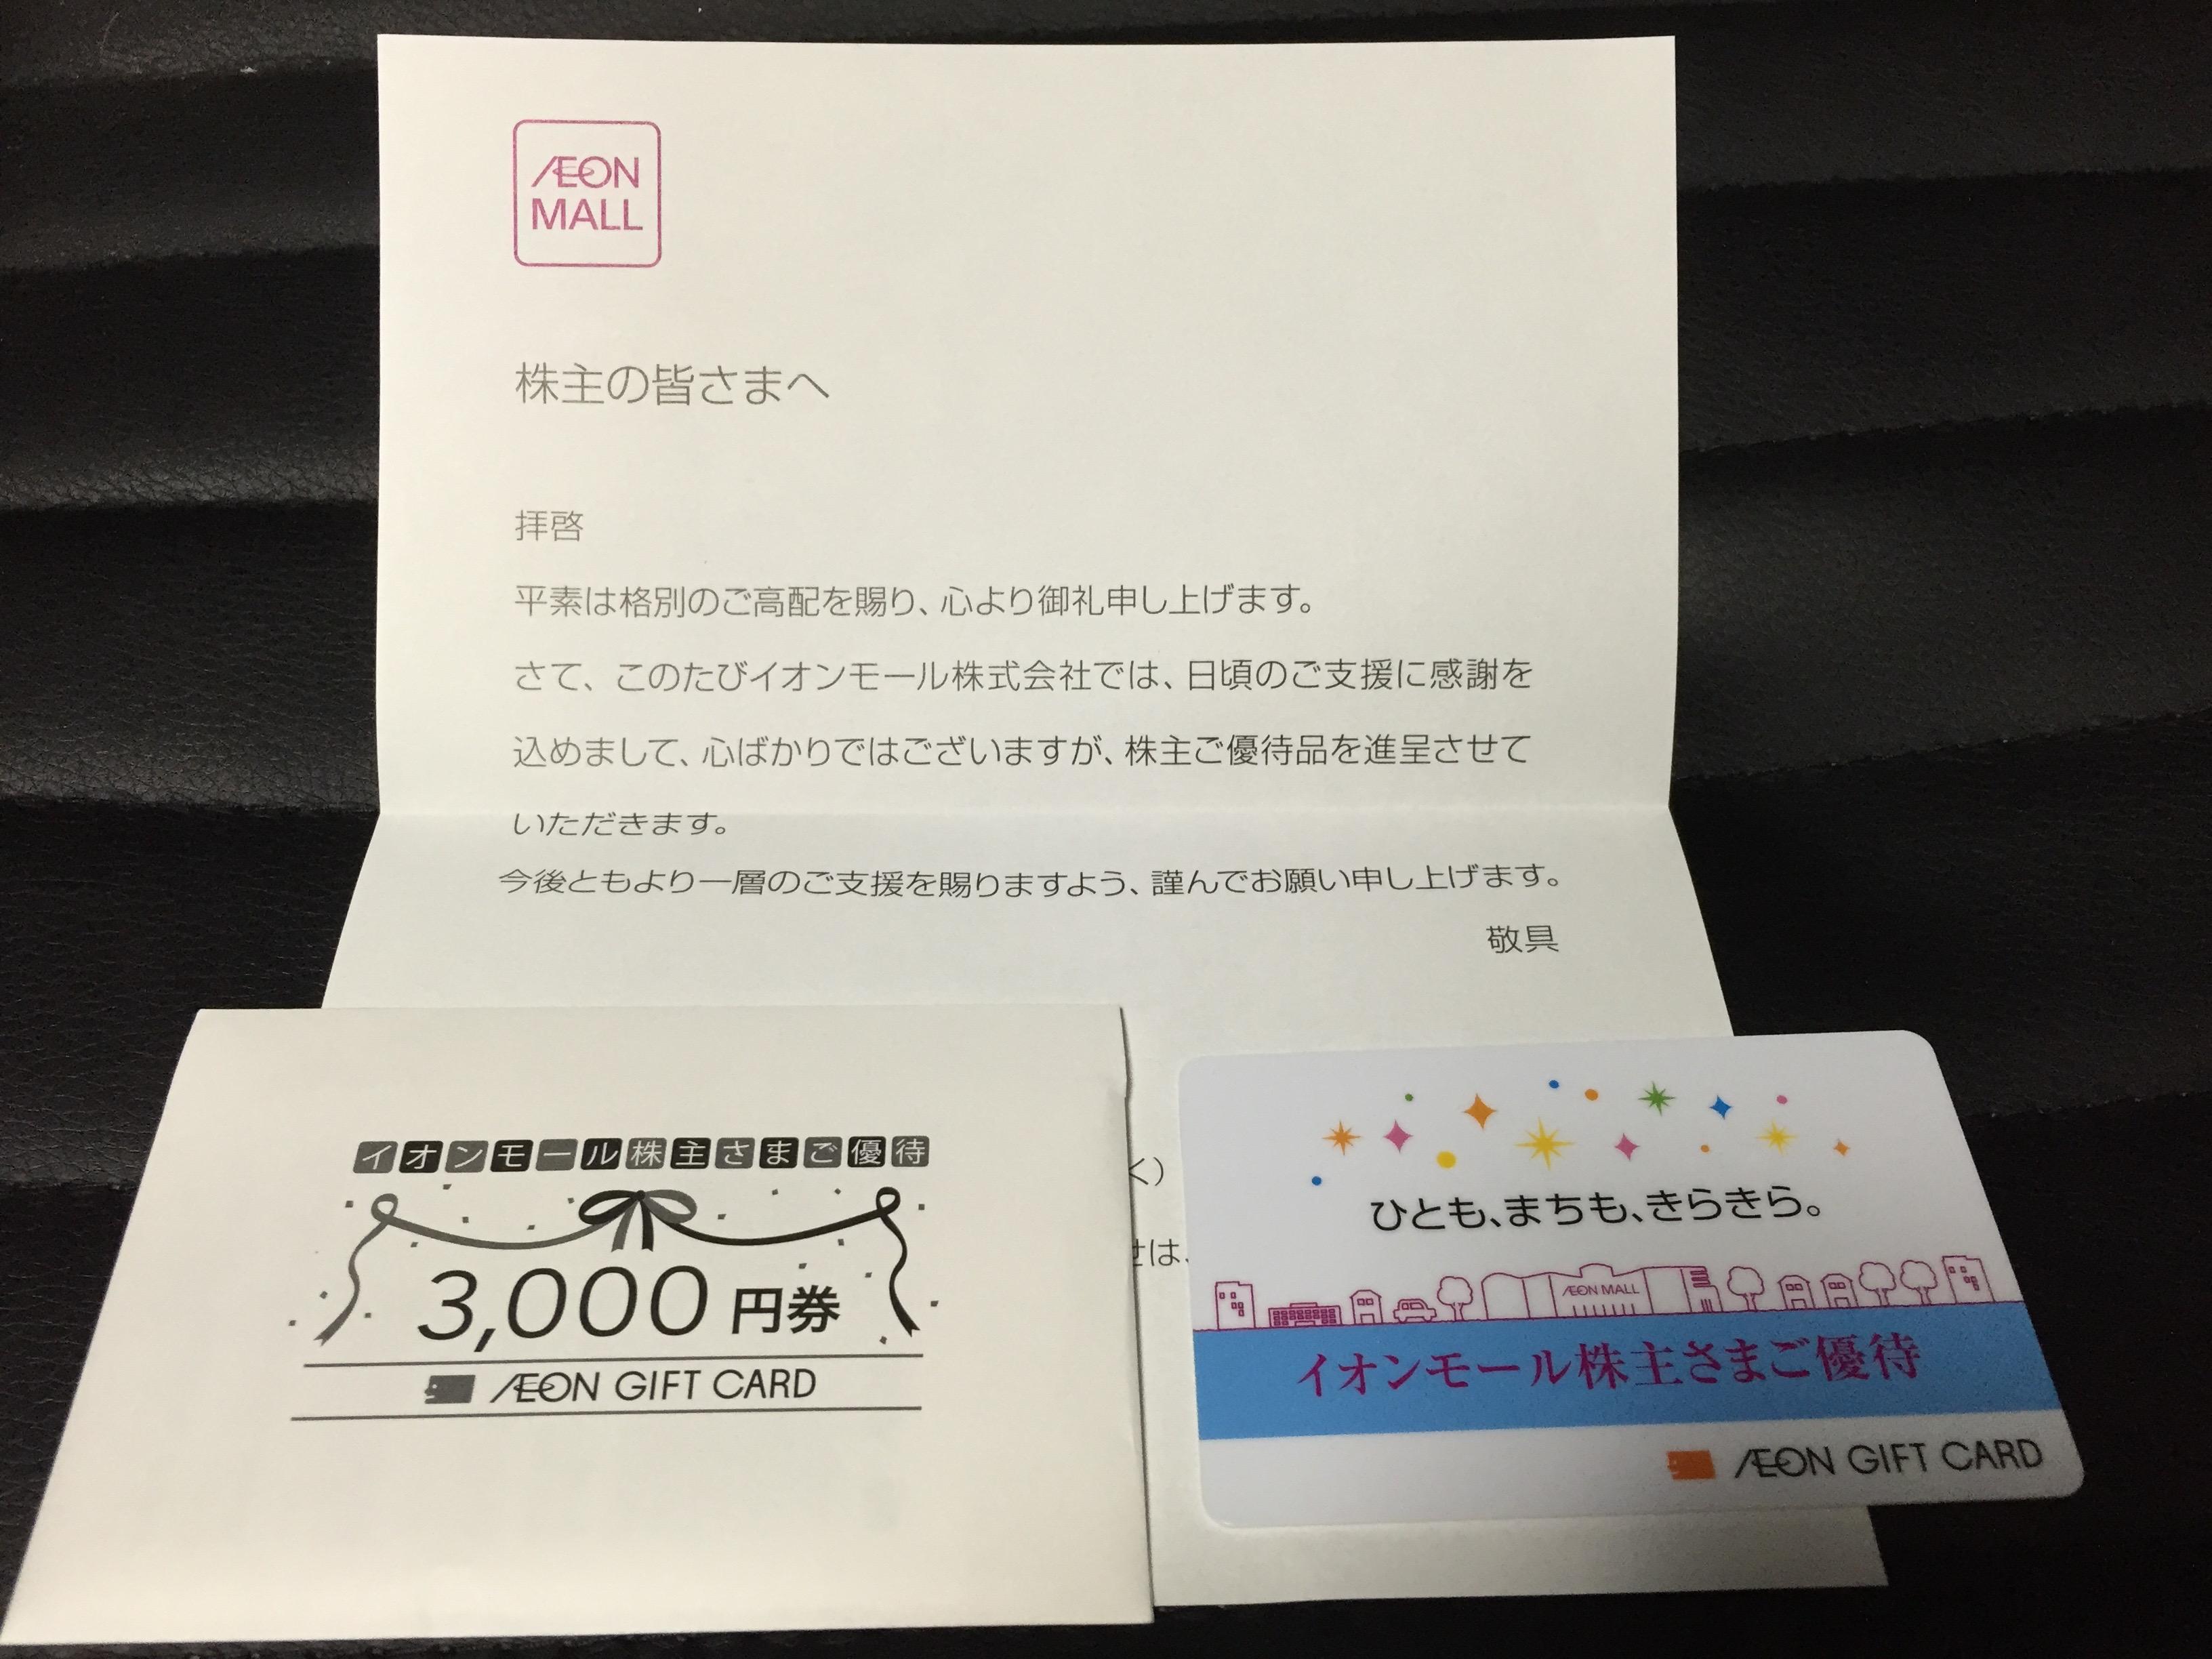 イオンモール (8905) の株主優待が到着!! やっぱりギフトカード??